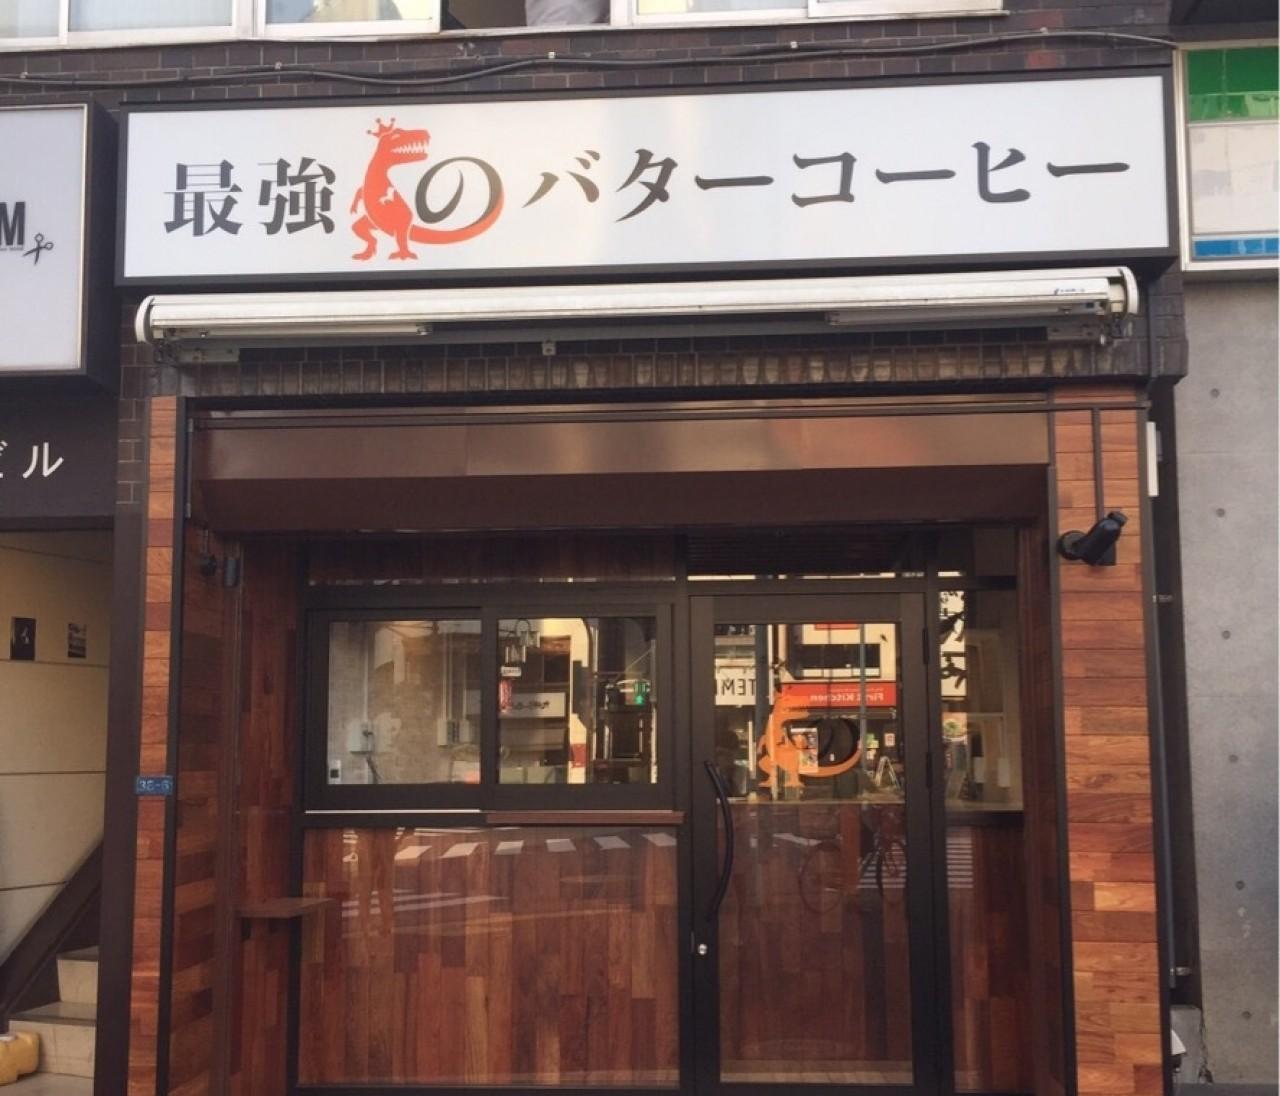 3日で1000人来店!? 超話題のバターコーヒー専門店が代々木にオープン!